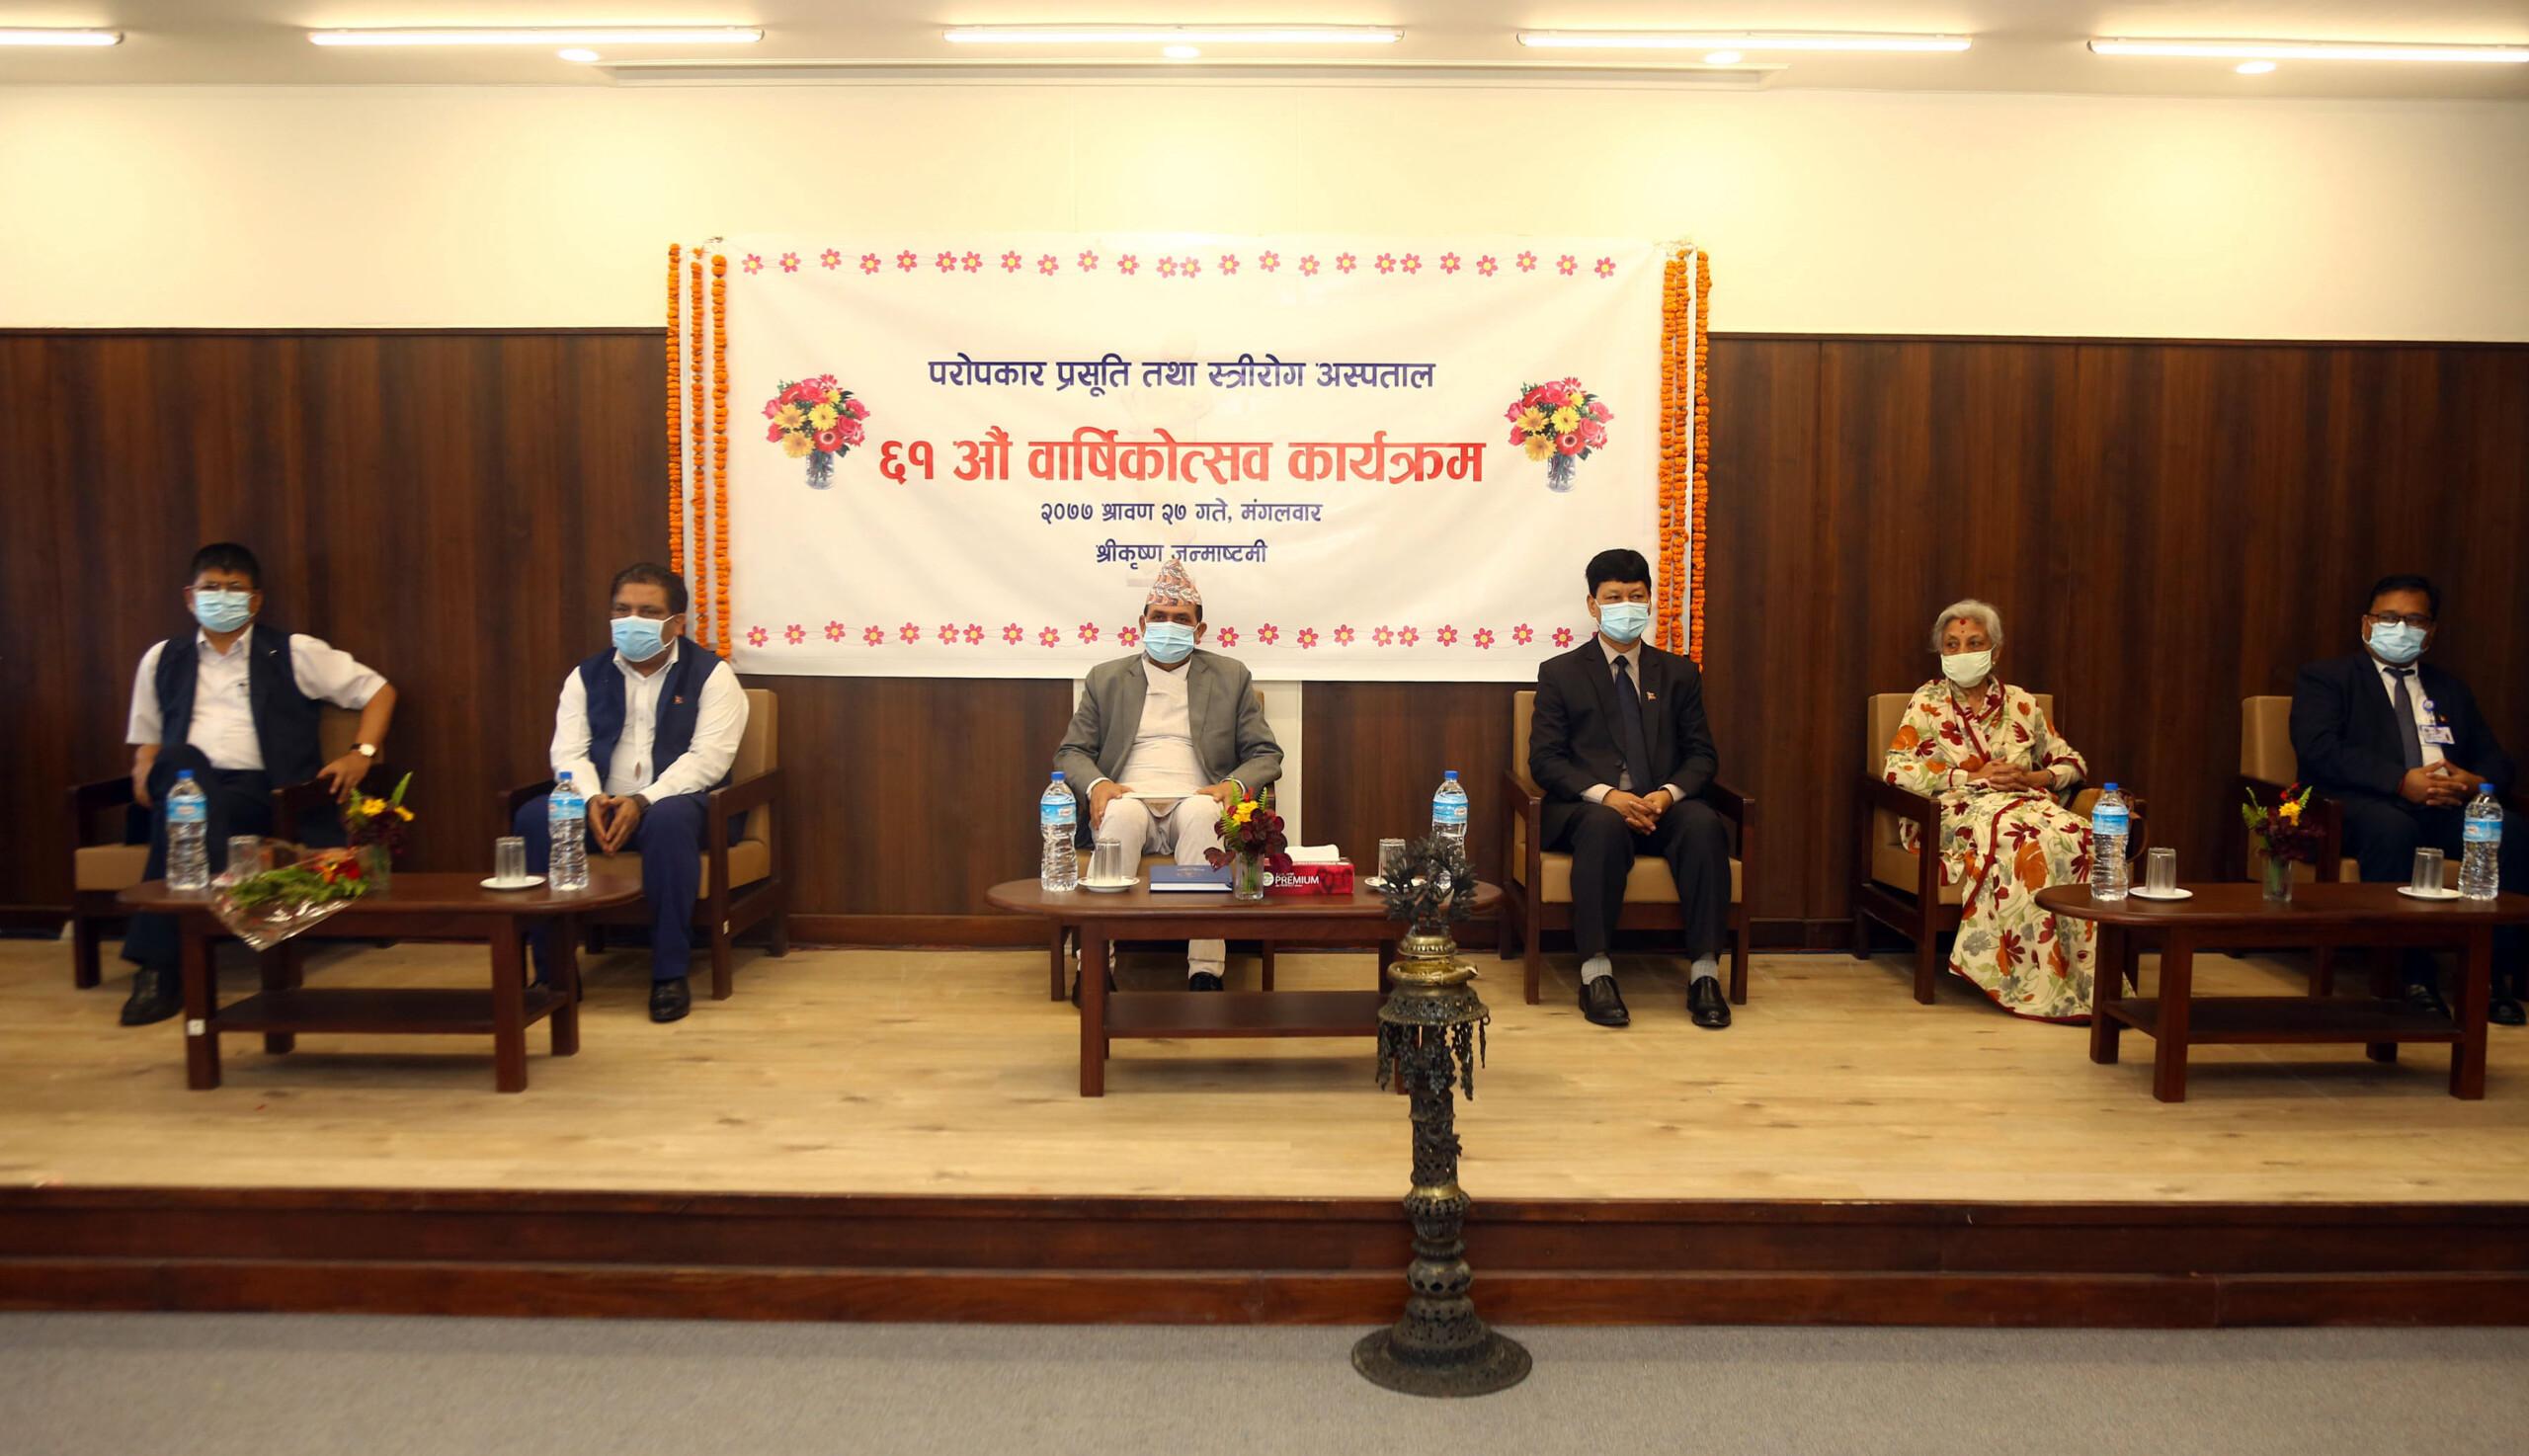 भारतमा कोभिड–१९ समाप्त नहुञ्जेल नेपालमा जोखिम रहन्छ  – मन्त्री ढकाल